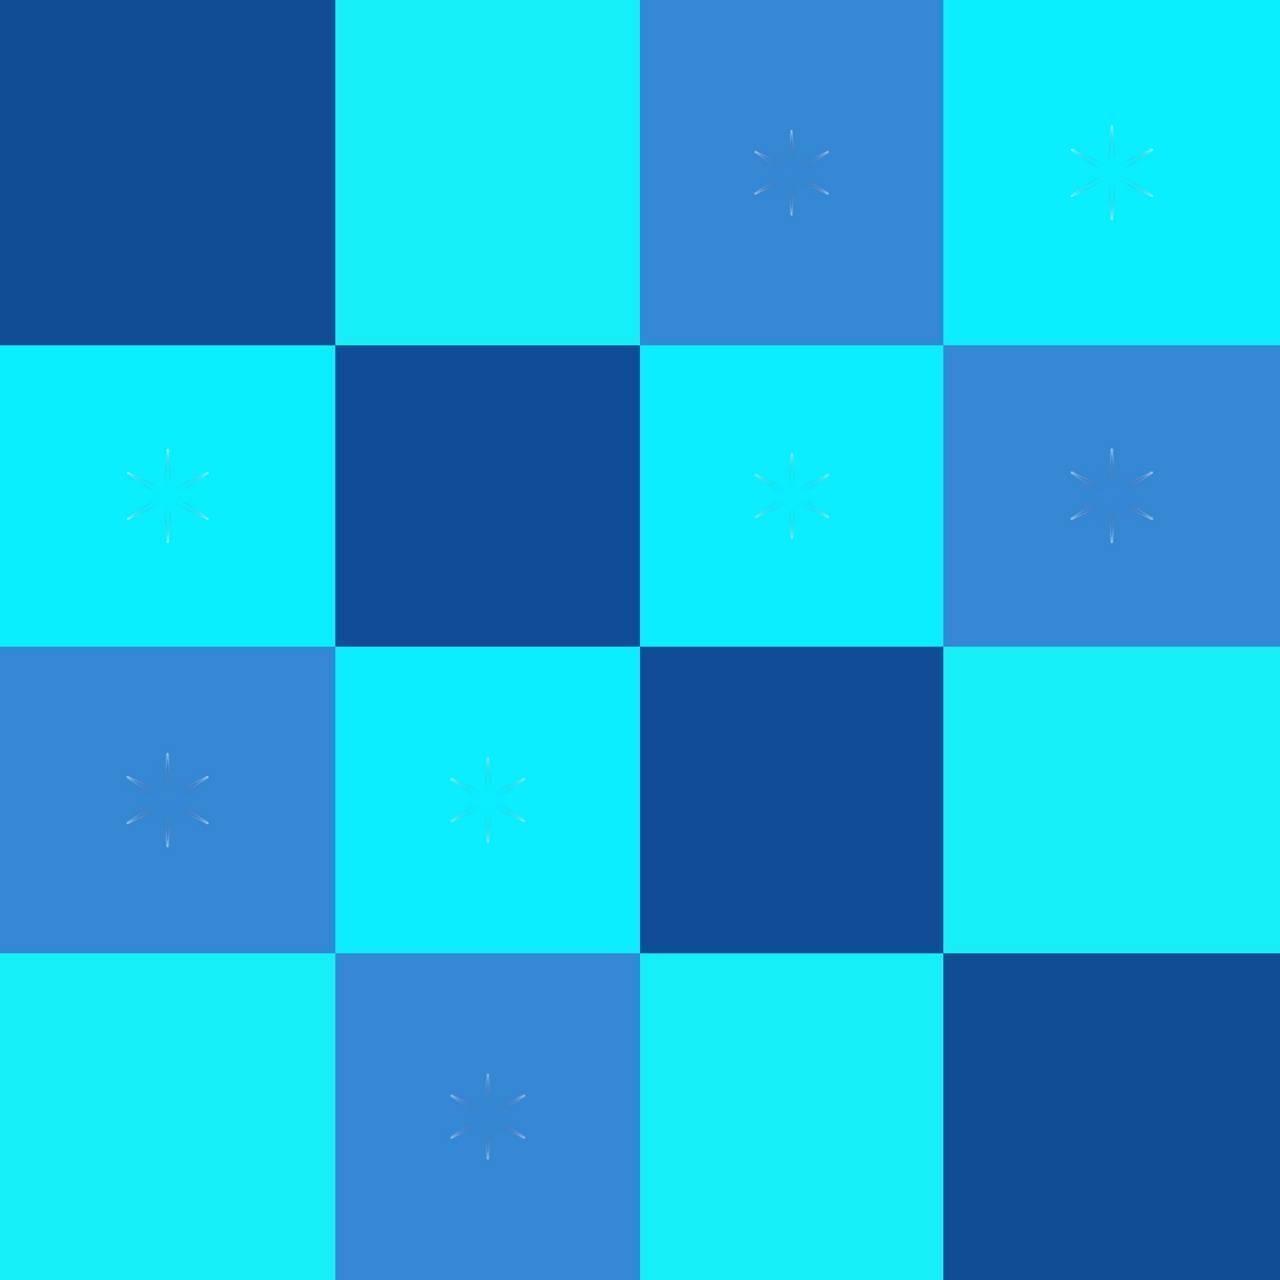 Tiled Wallpaper 36-1